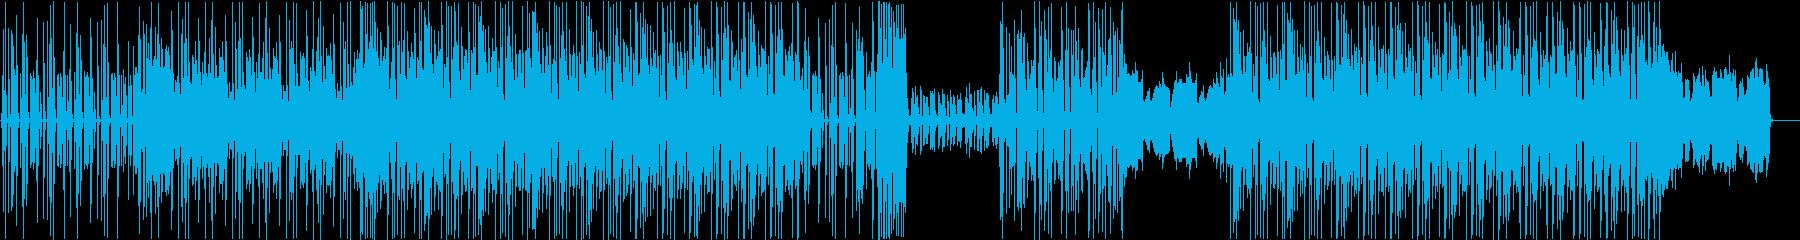 緊張感やシリアスな雰囲気が伝わるBGMの再生済みの波形